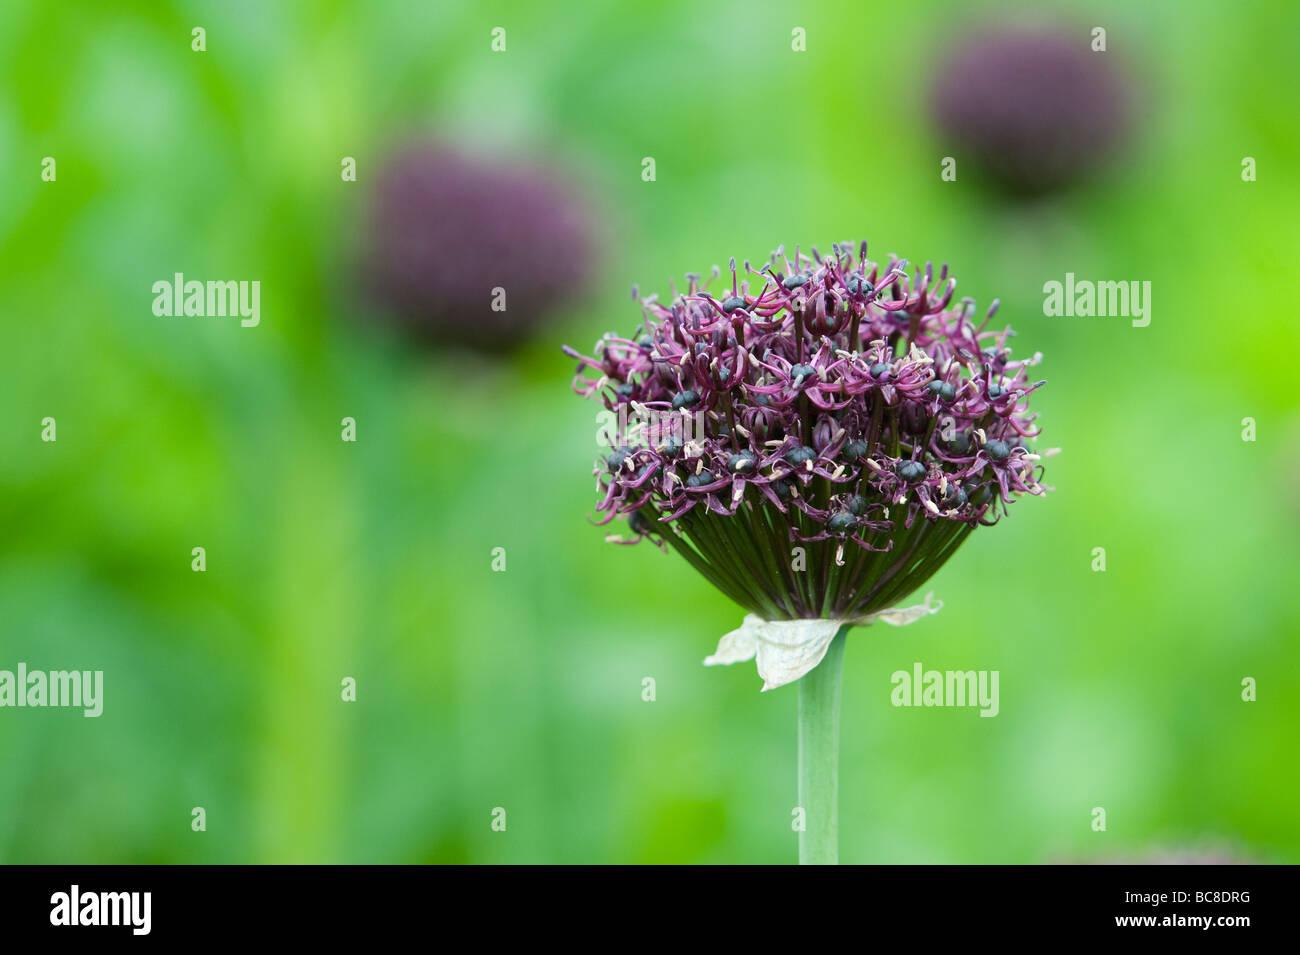 Allium atropurpureum. Ornamental onion flower - Stock Image